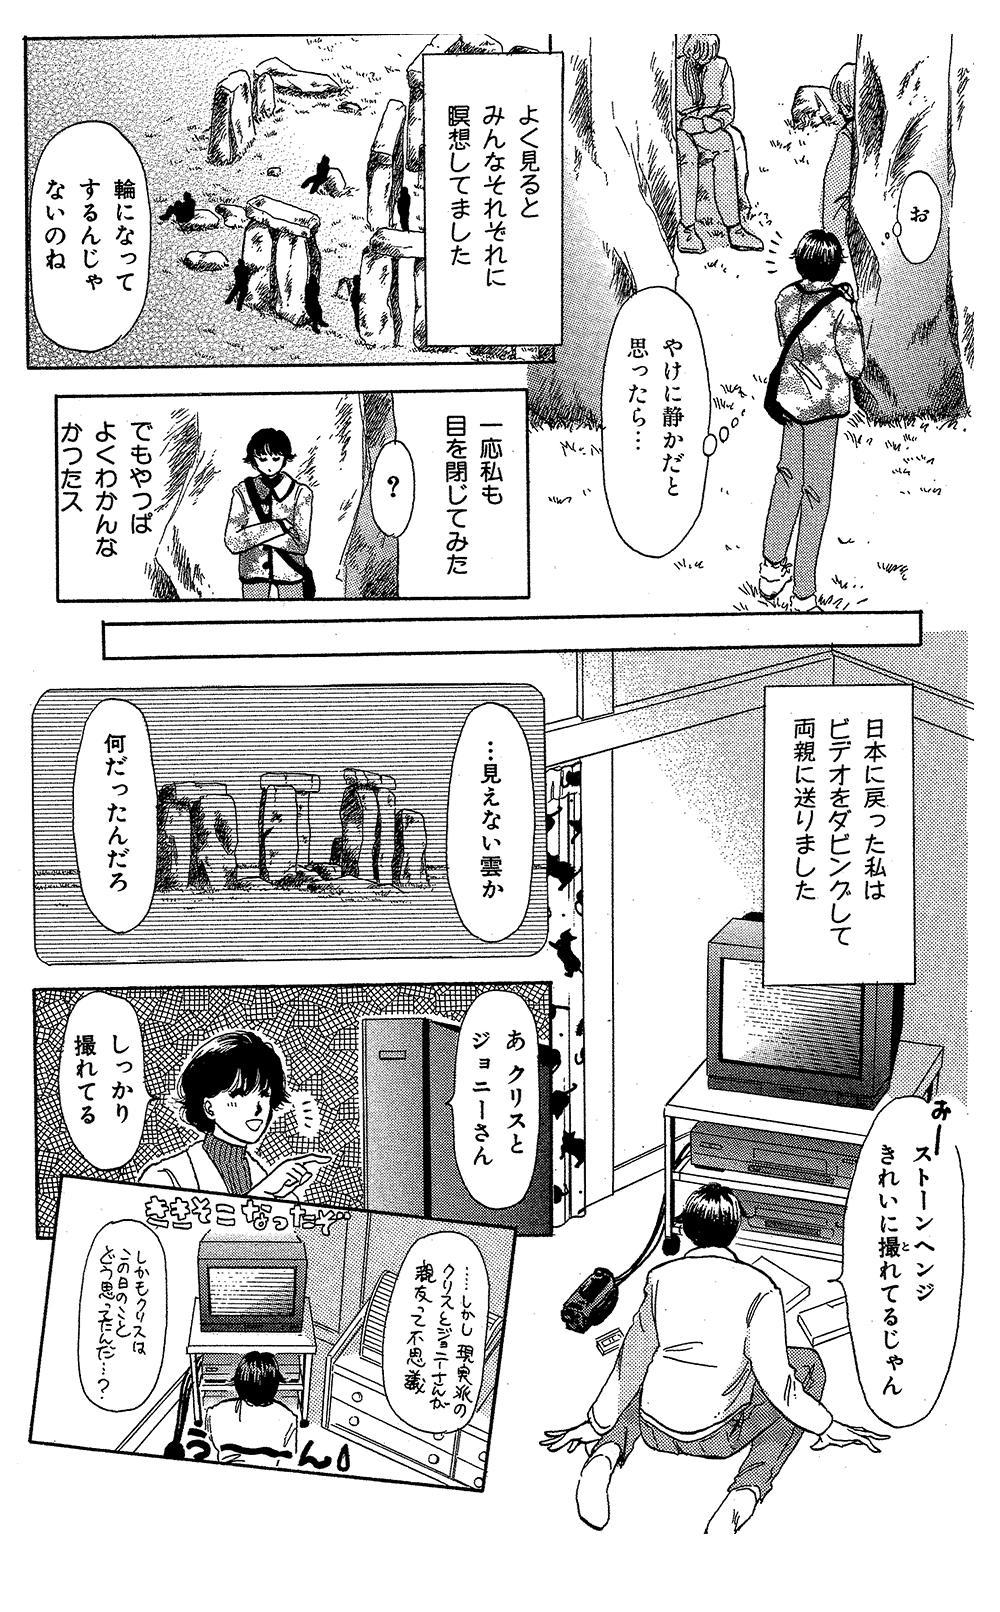 霊感ママシリーズ 第3話「英国ミステリーツアー」③reikanmama-02-89.jpg